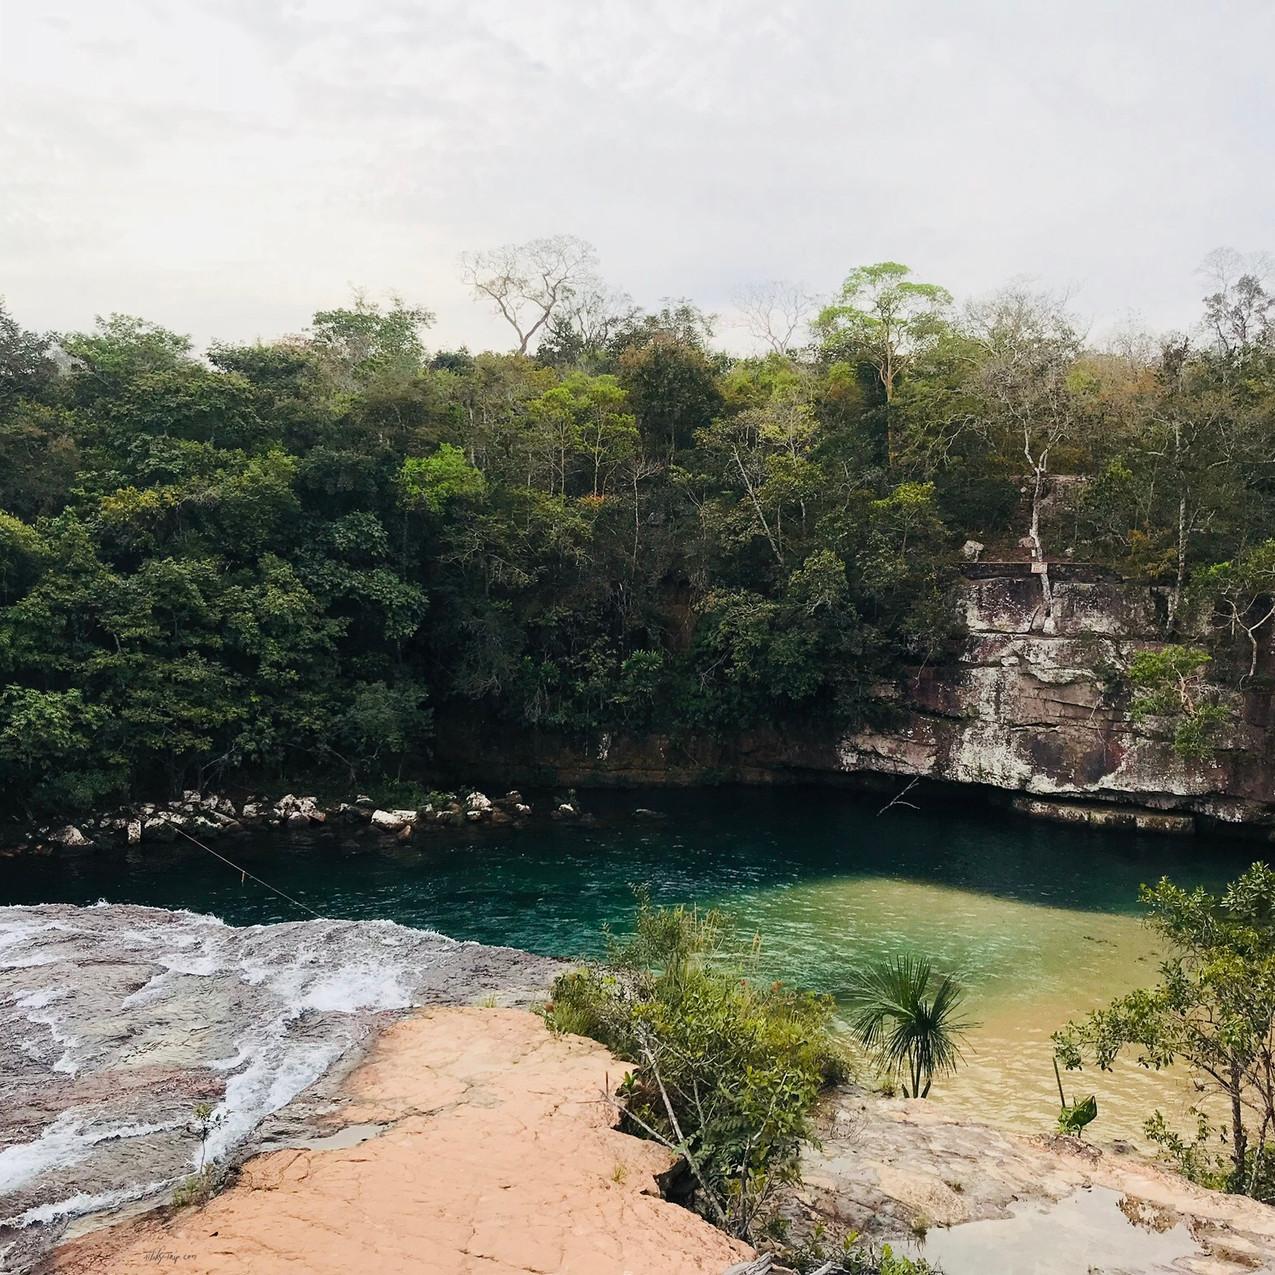 Rio Verde Do Mato Grosso